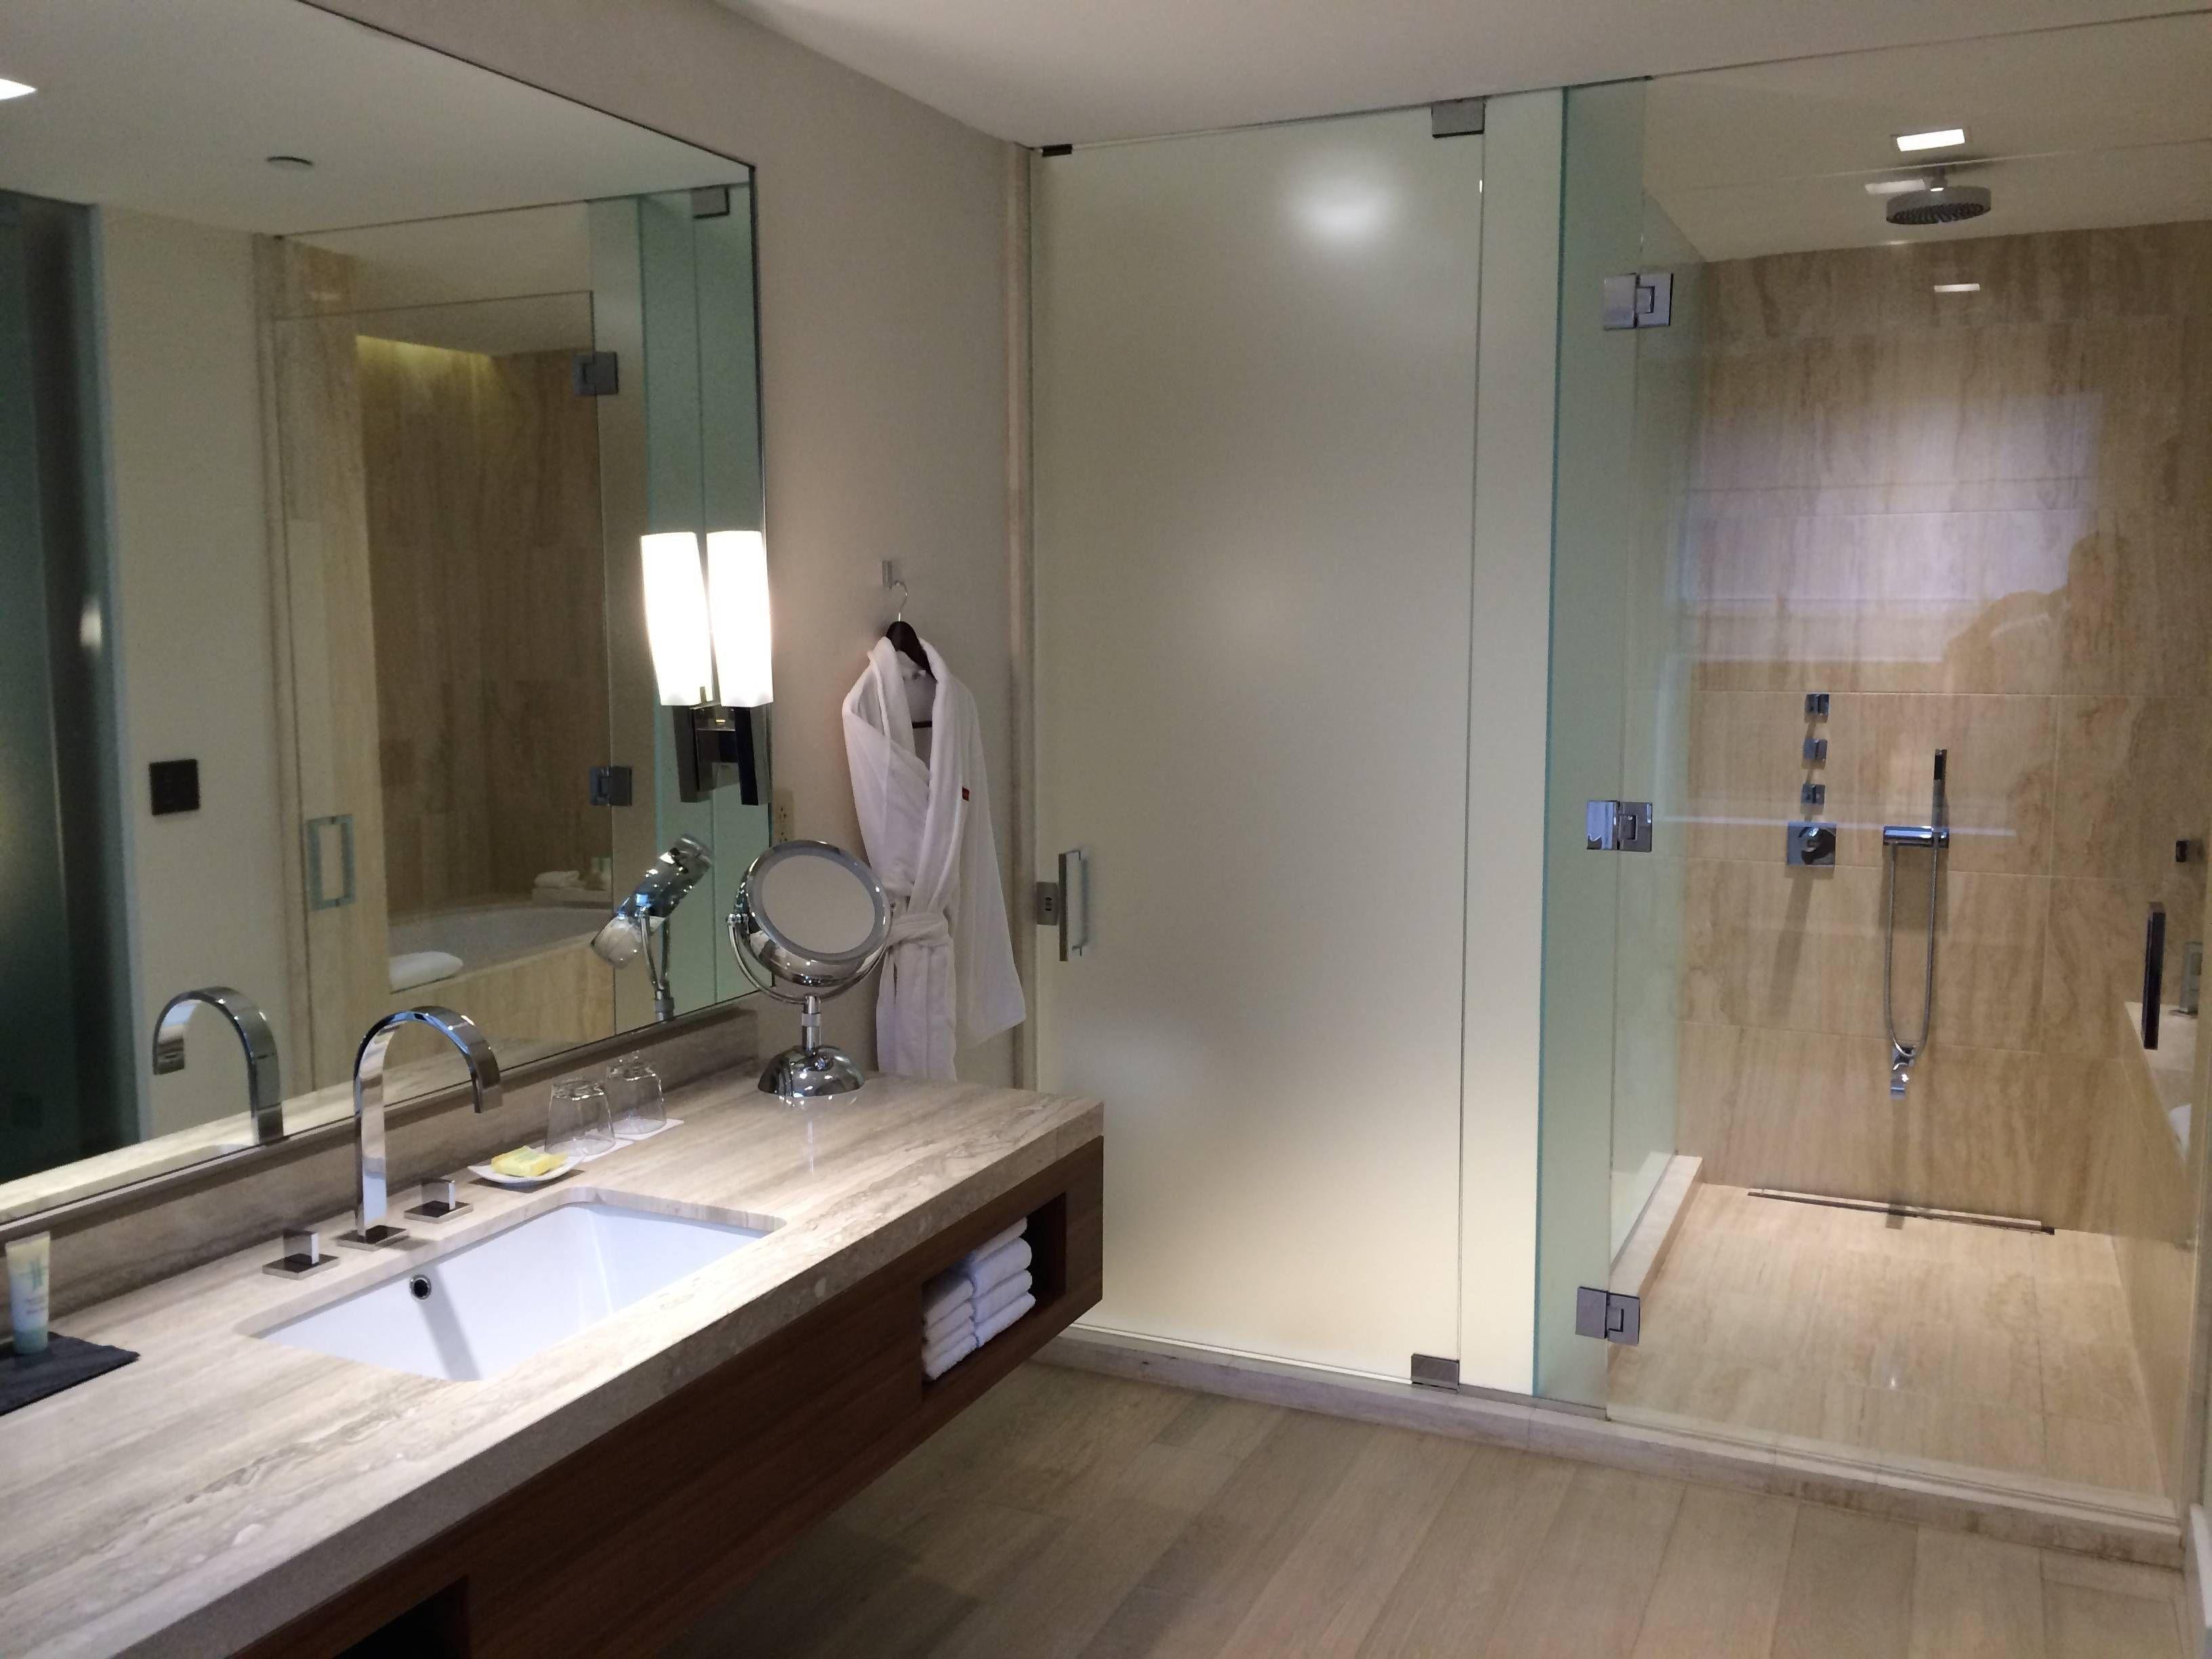 Banheiros Com Banheira E Chuveiro Separados  homefiresafetykitcom banheiros -> Banheiro Com Banheira E Chuveiro Separados